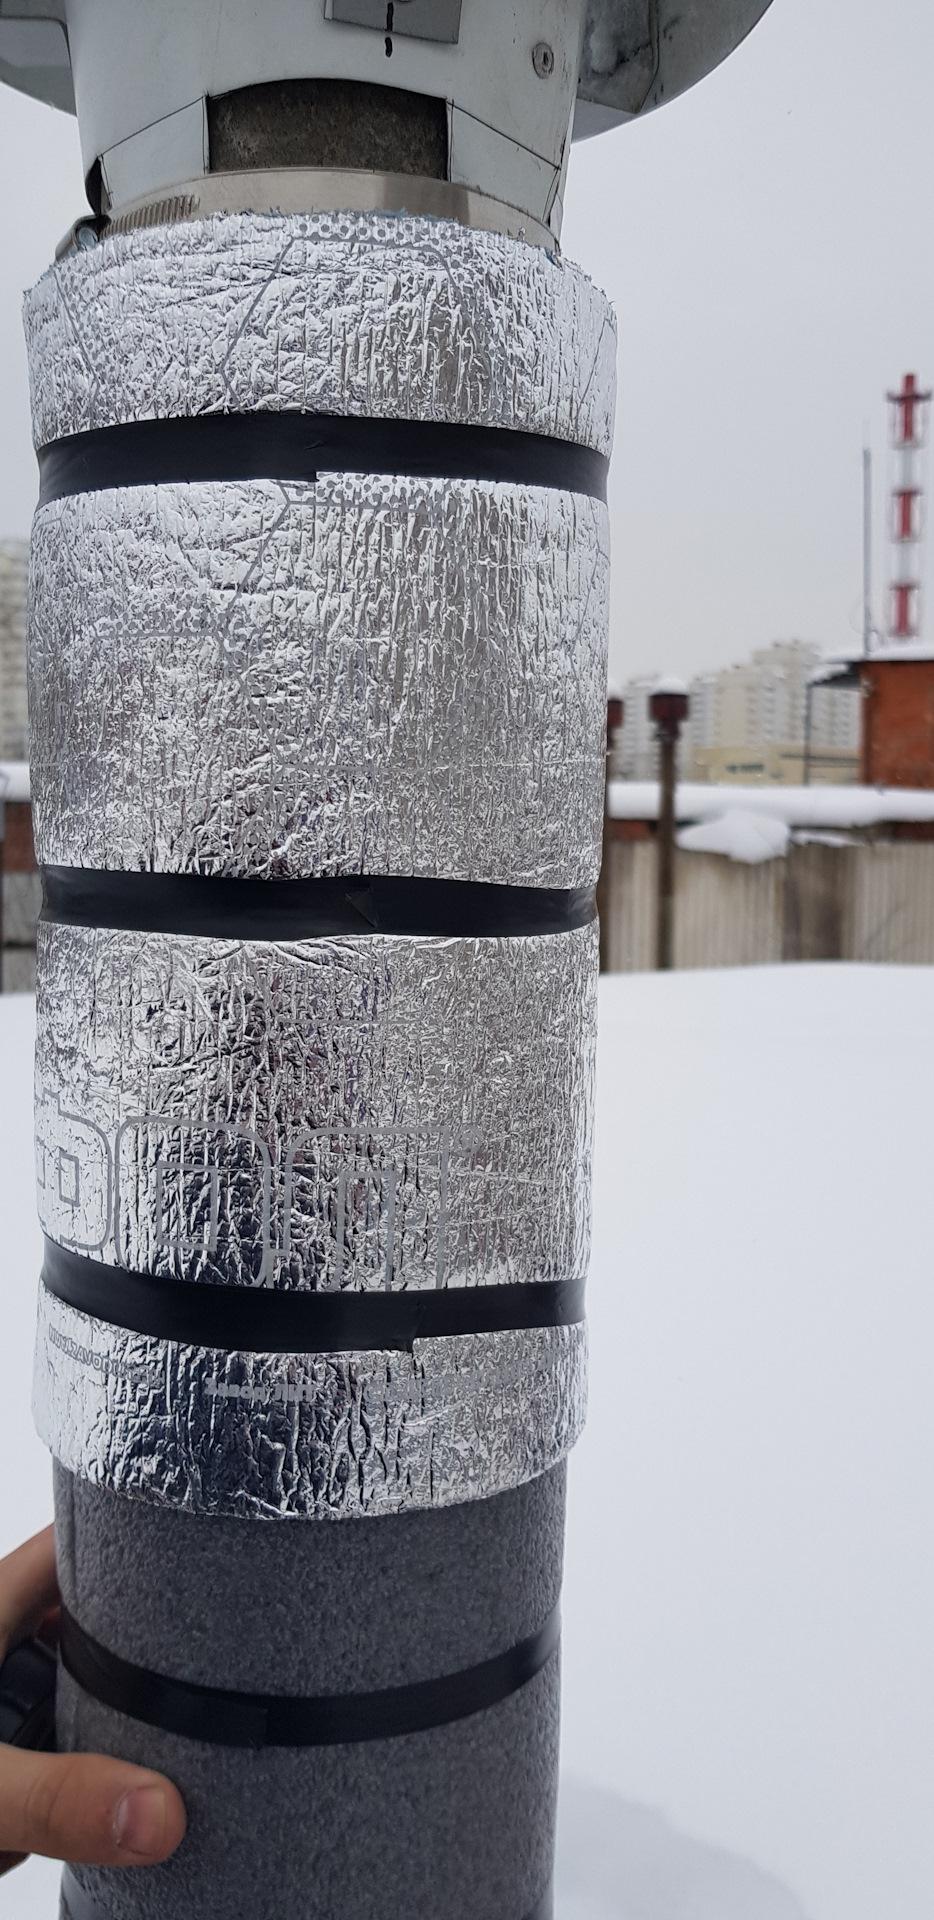 Изоляция дымохода в бане своими руками — чем обмотать трубу, материалы для утепления